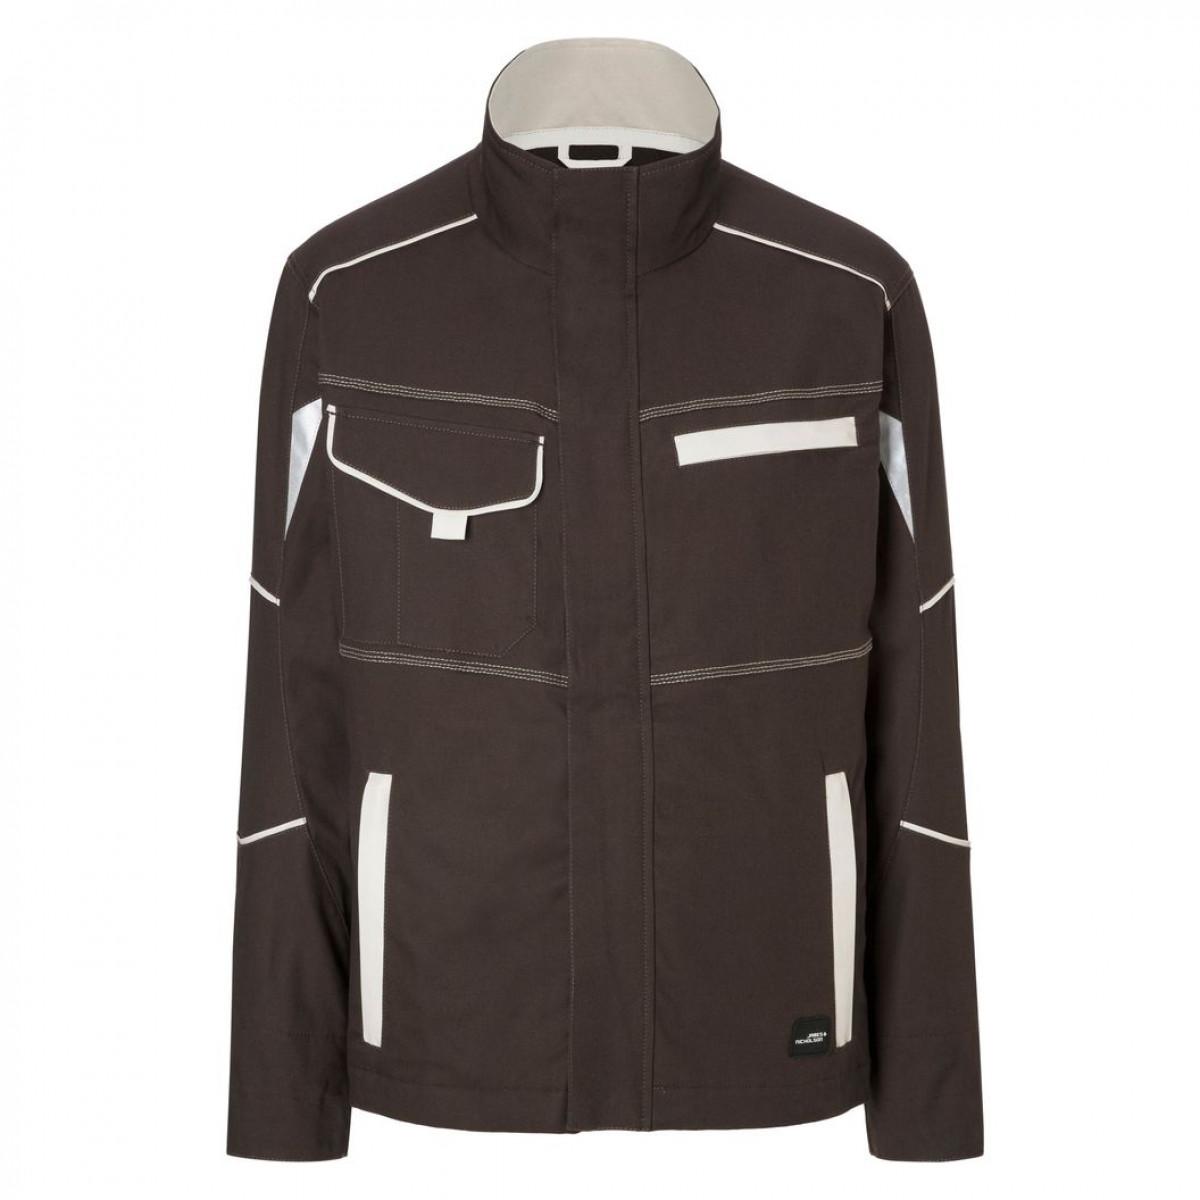 Куртка мужская JN849 Workwear Jacket - Коричневый/Бежевый